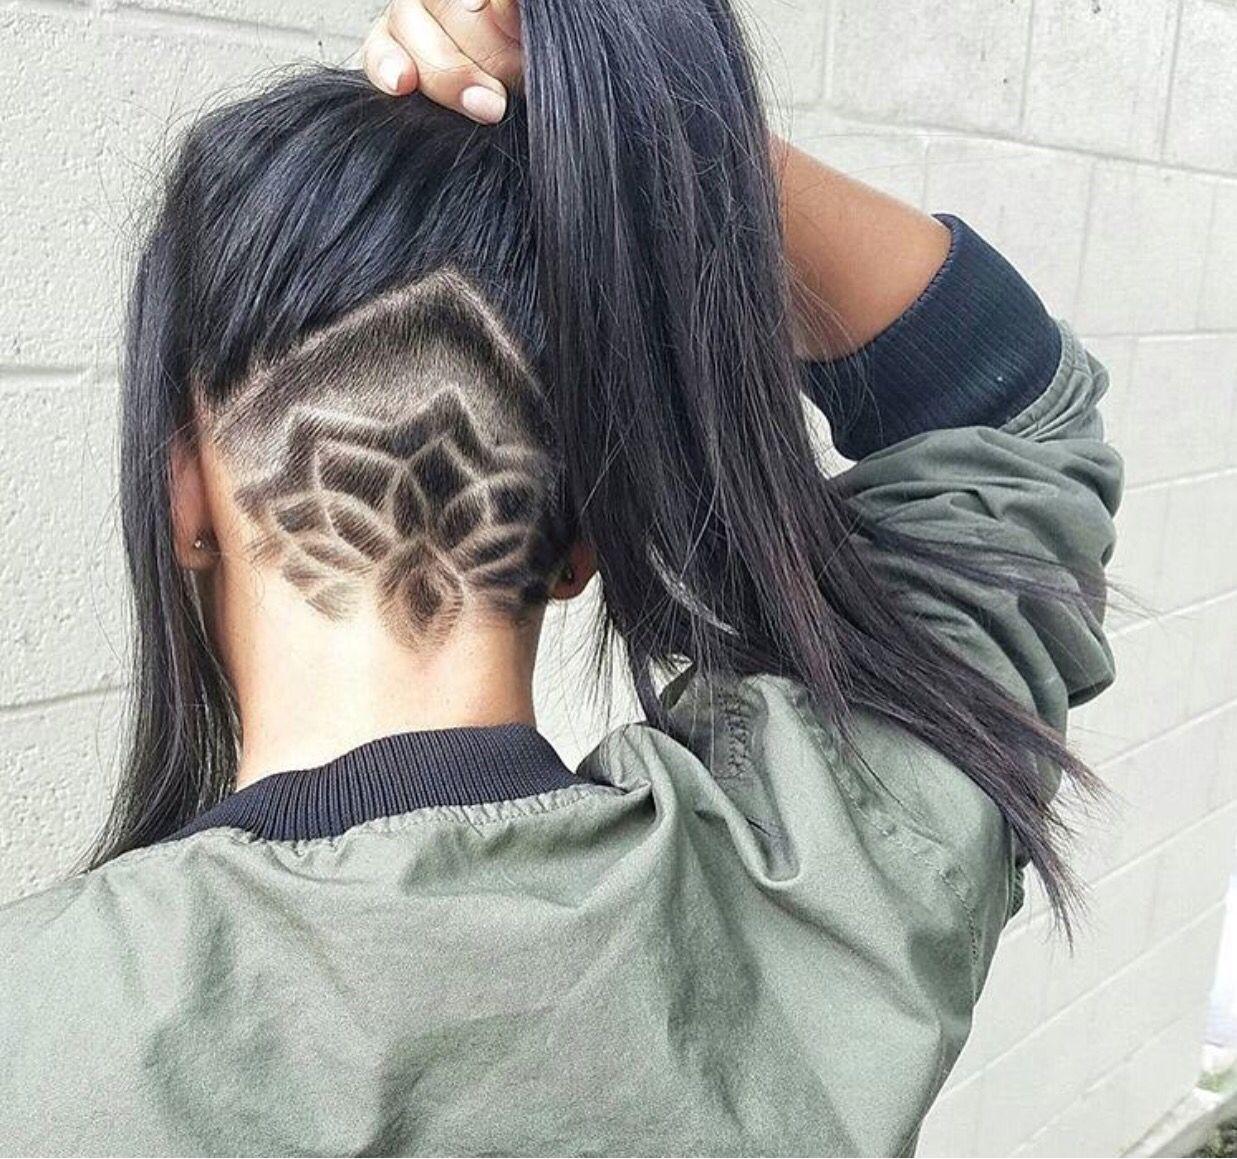 Рисунки лезвием на волосах